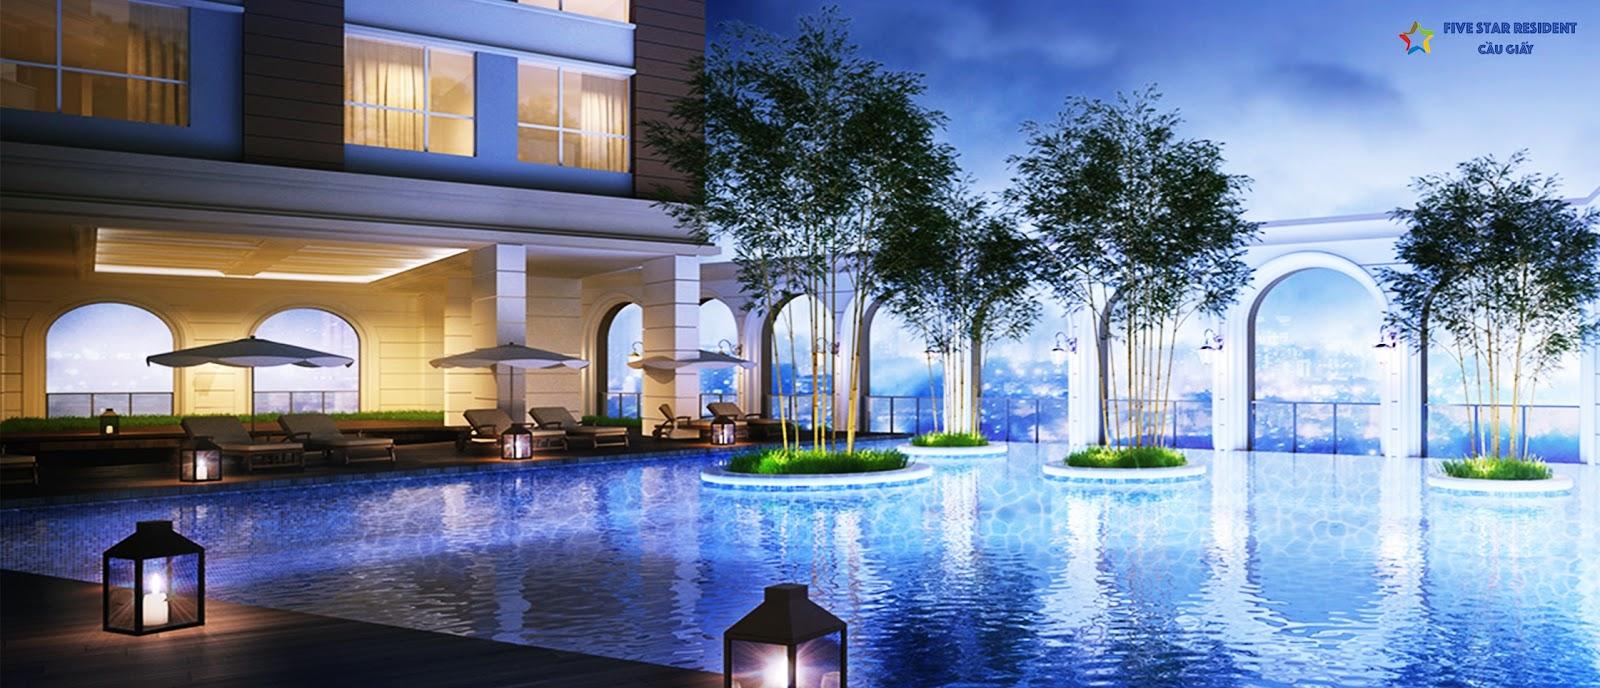 Bể bơi bốn mua chung cư Five Star Cầu Giấy